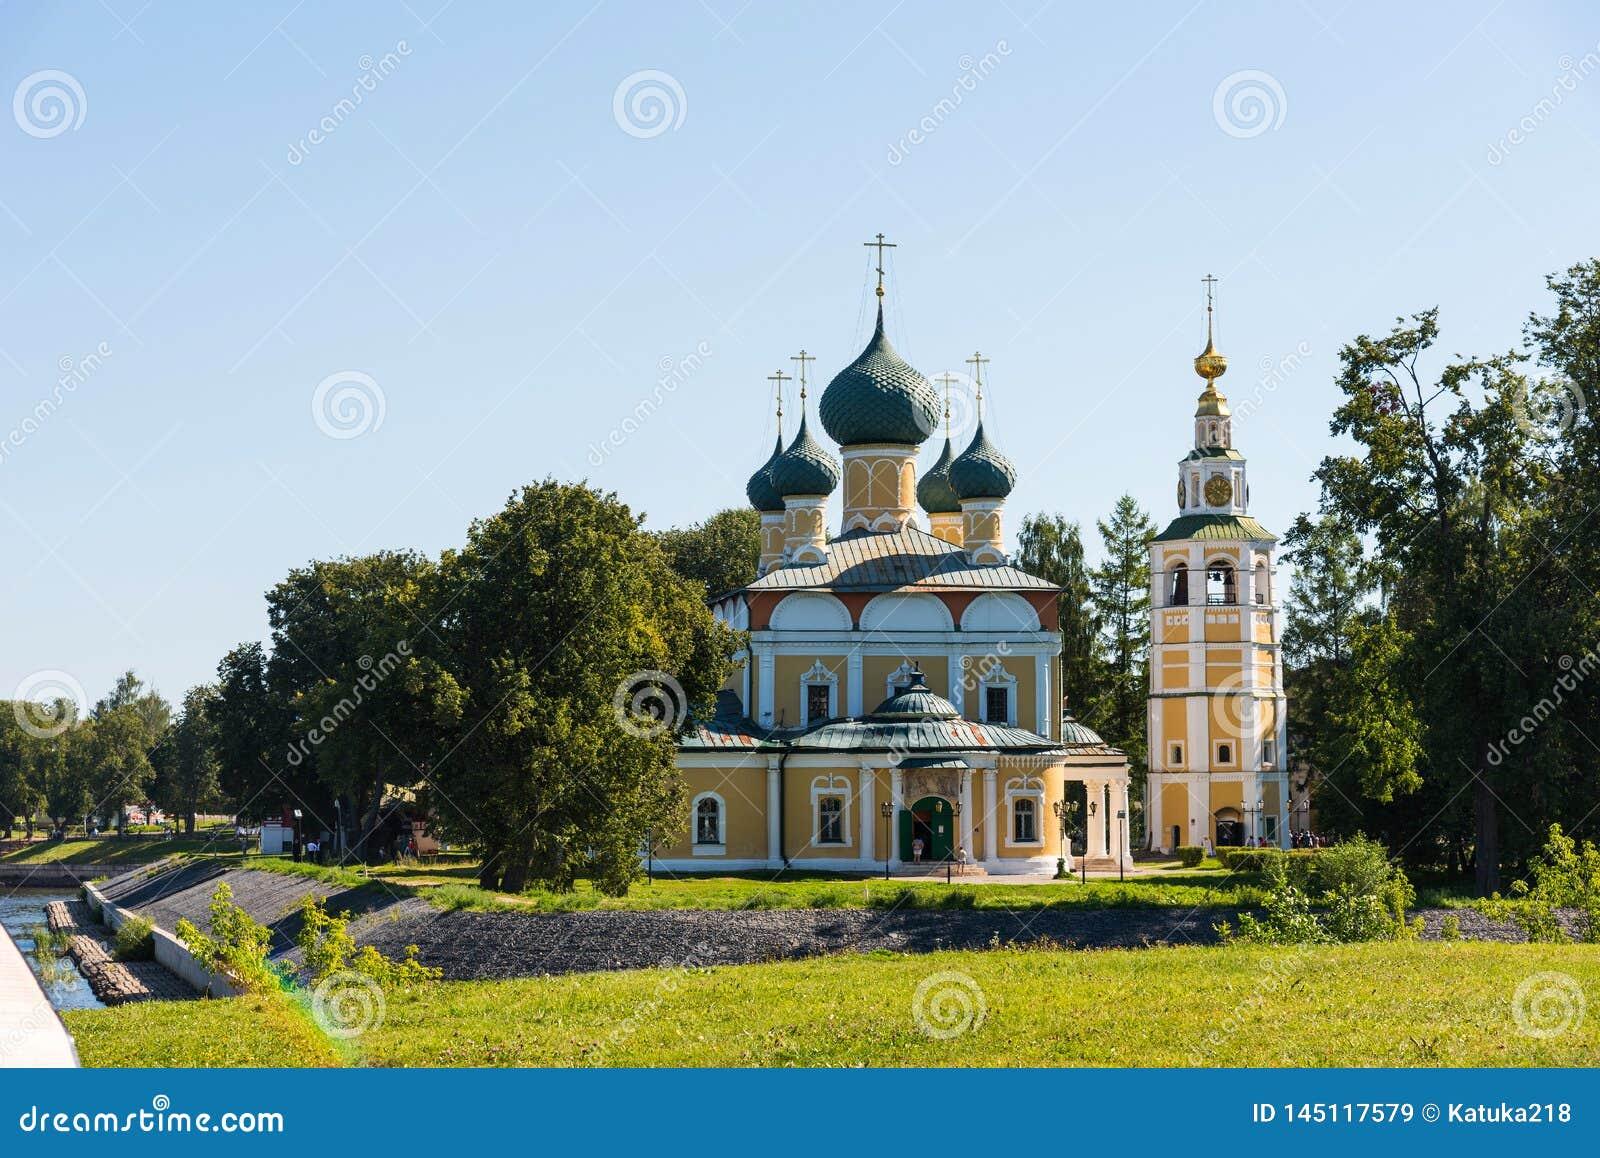 Sobor van Preobrazhensky van de Transfiguratiekathedraal van het Kremlin in Uglich, Rusland